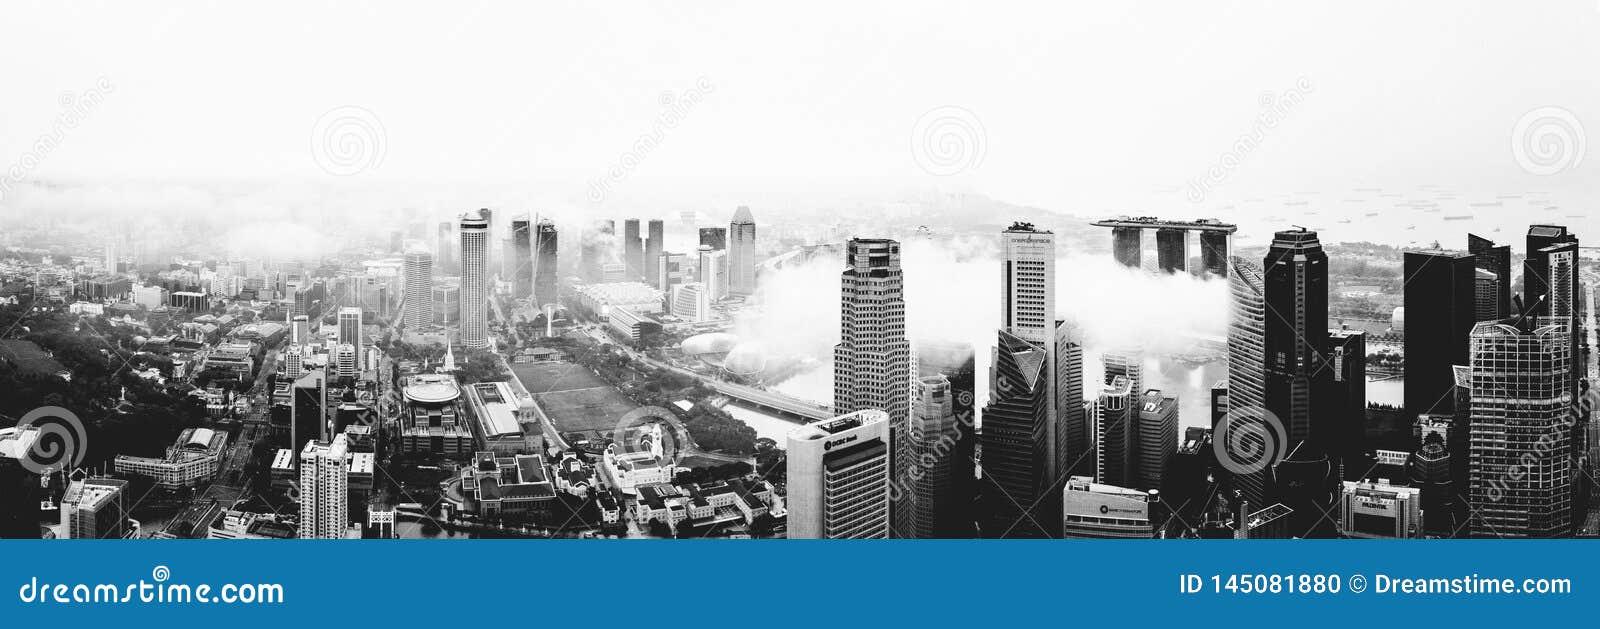 Skyskrapor för Singapore centrum CBD - molnigt väder - affärsområde